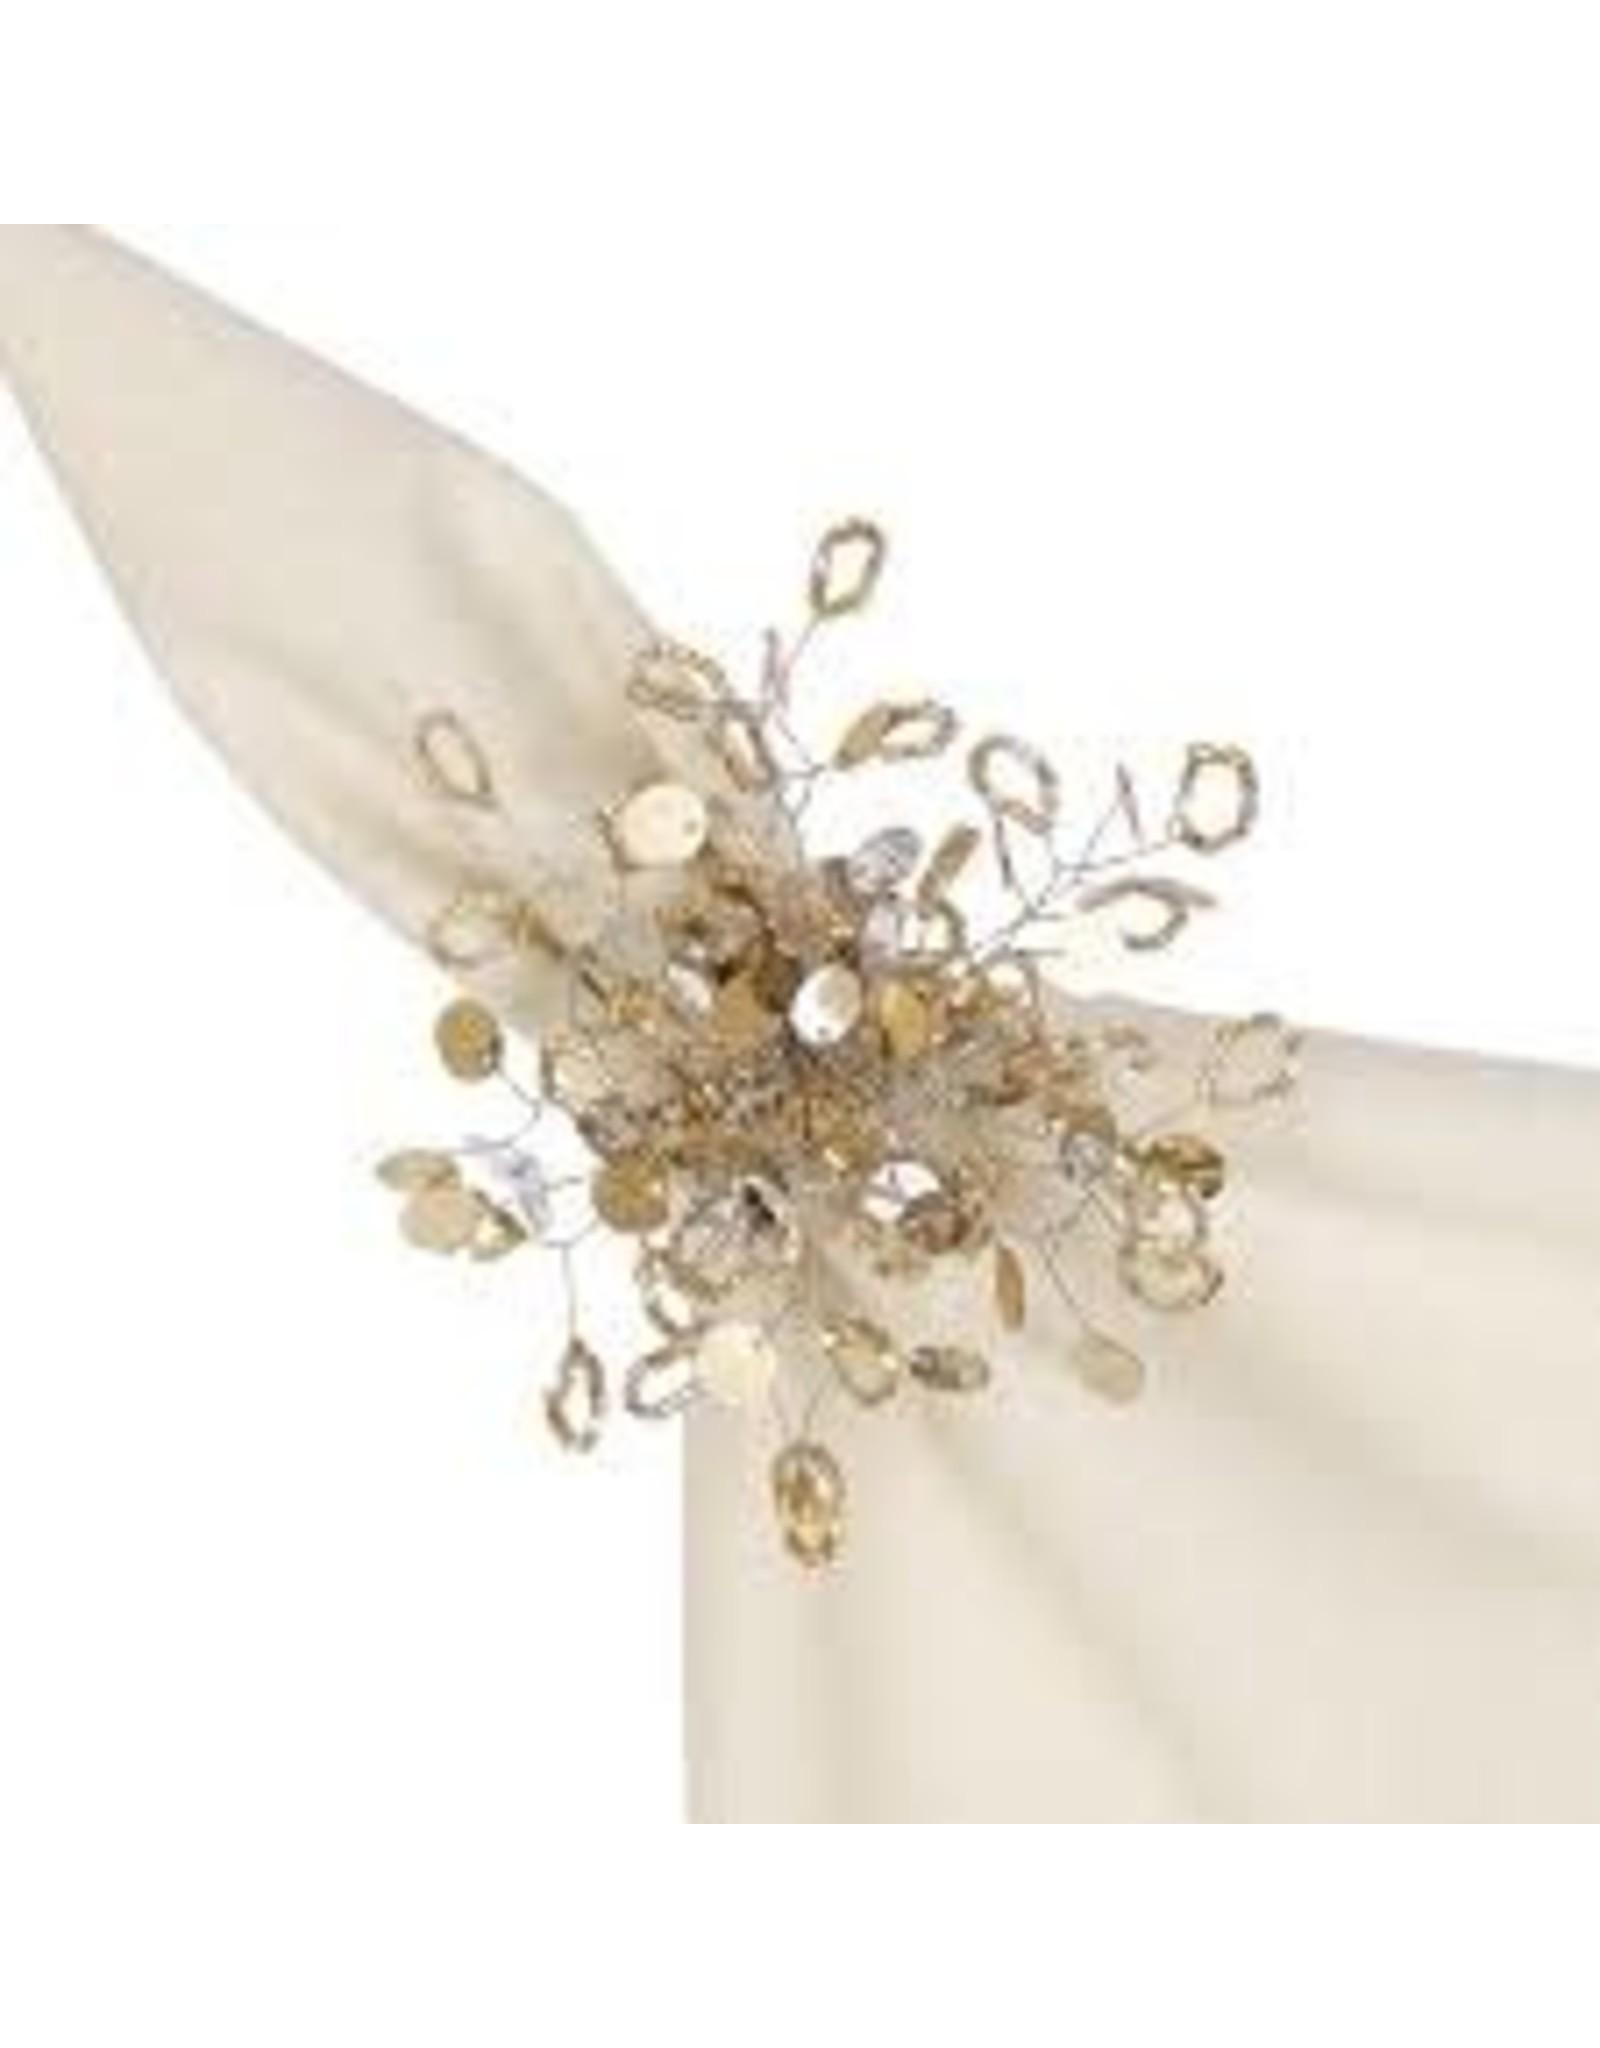 Design Imports DI Sparkle Napkin Ring